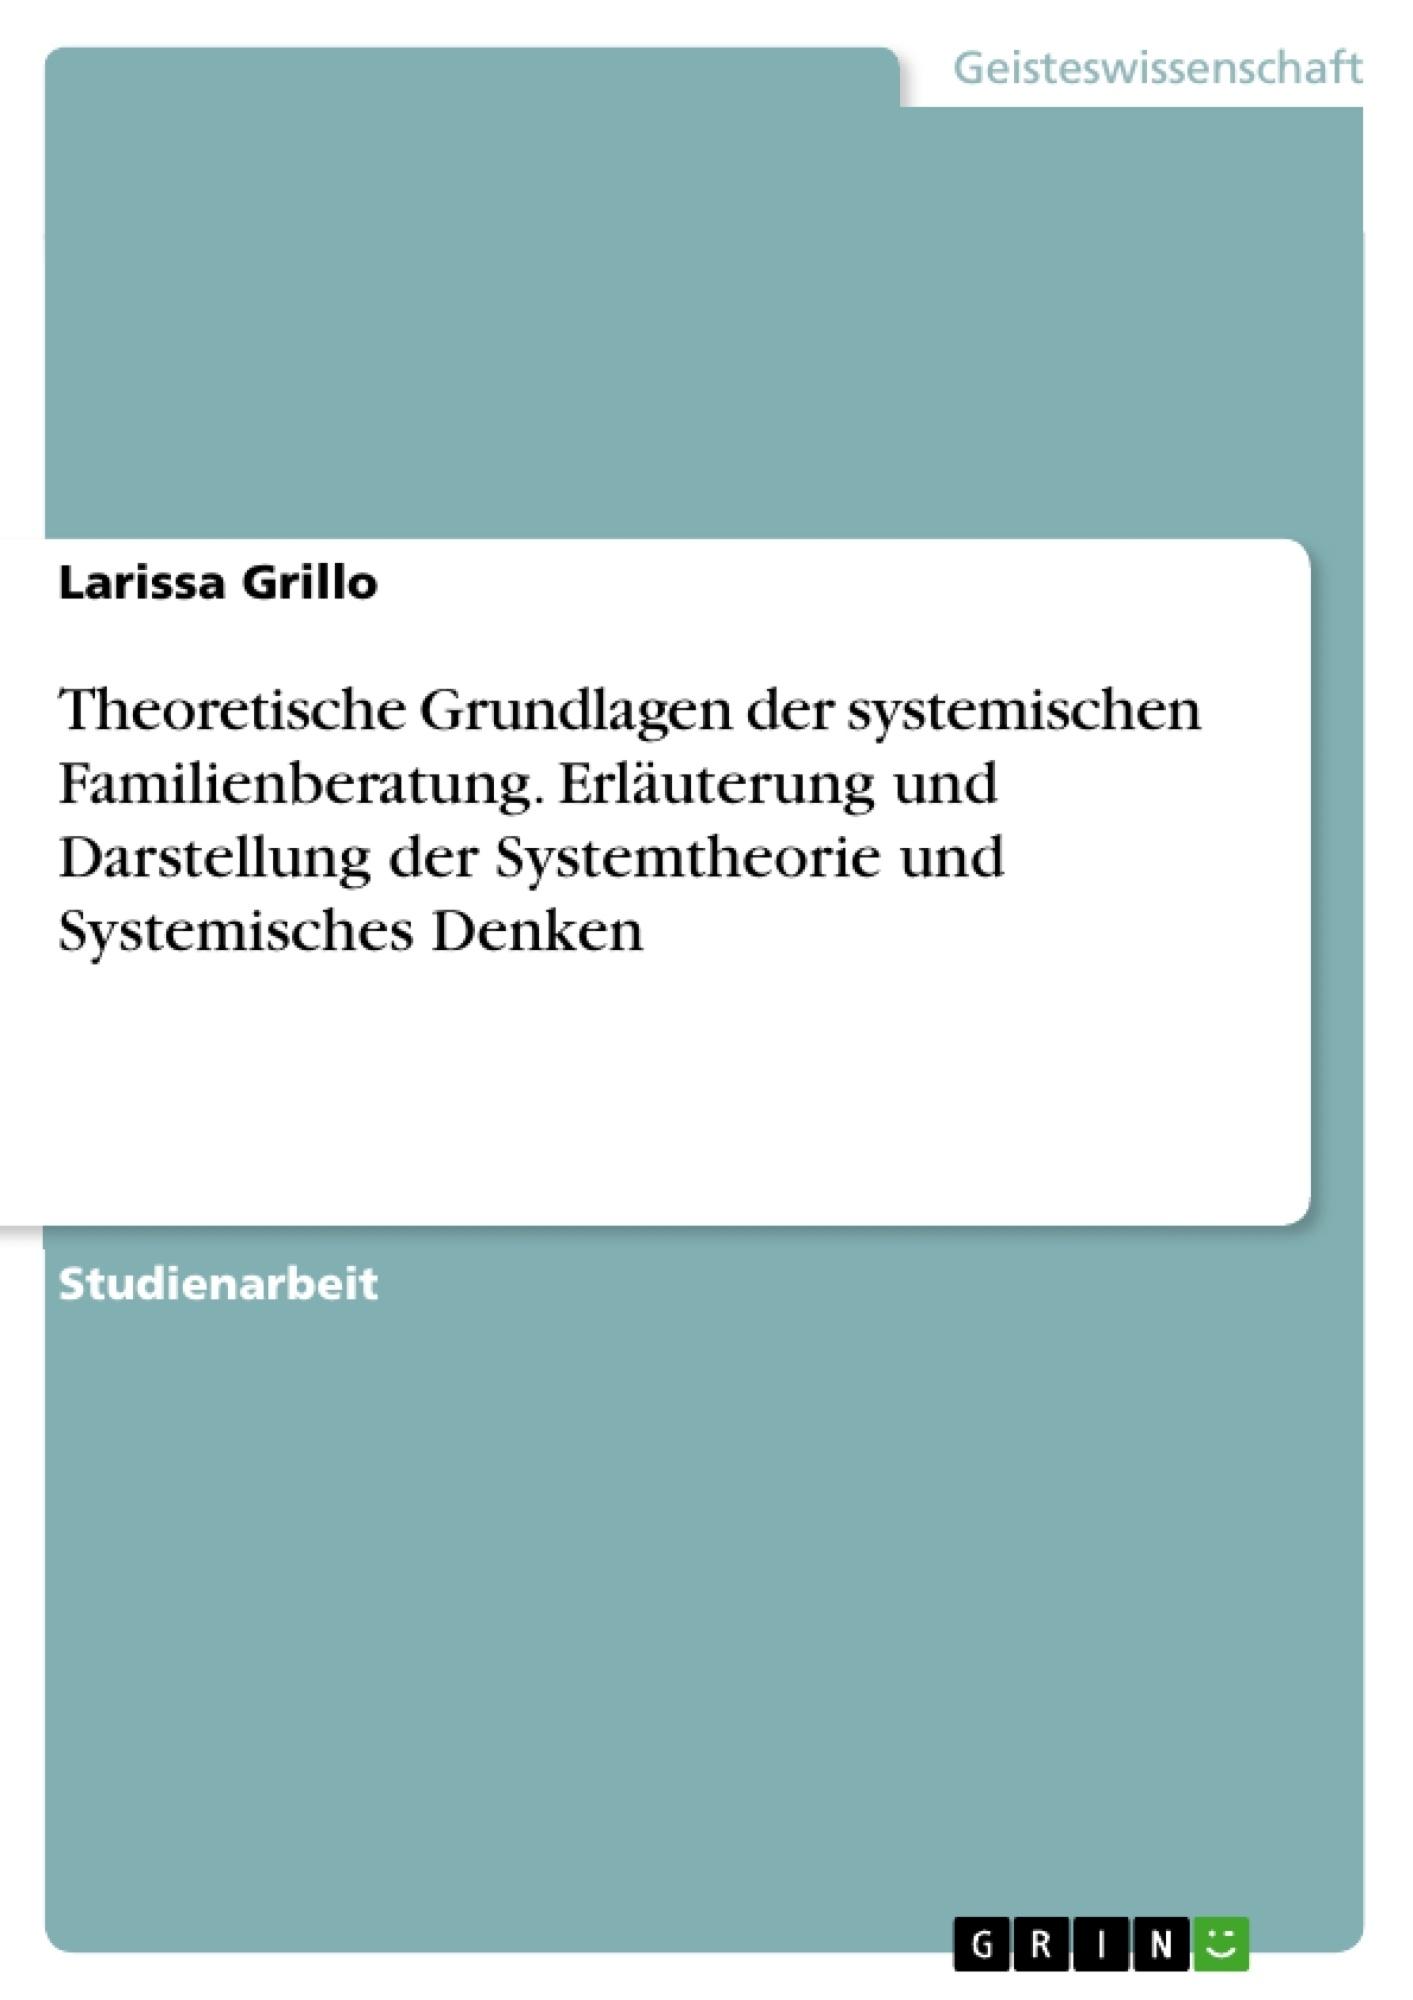 Titel: Theoretische Grundlagen der systemischen Familienberatung. Erläuterung und Darstellung der Systemtheorie und Systemisches Denken